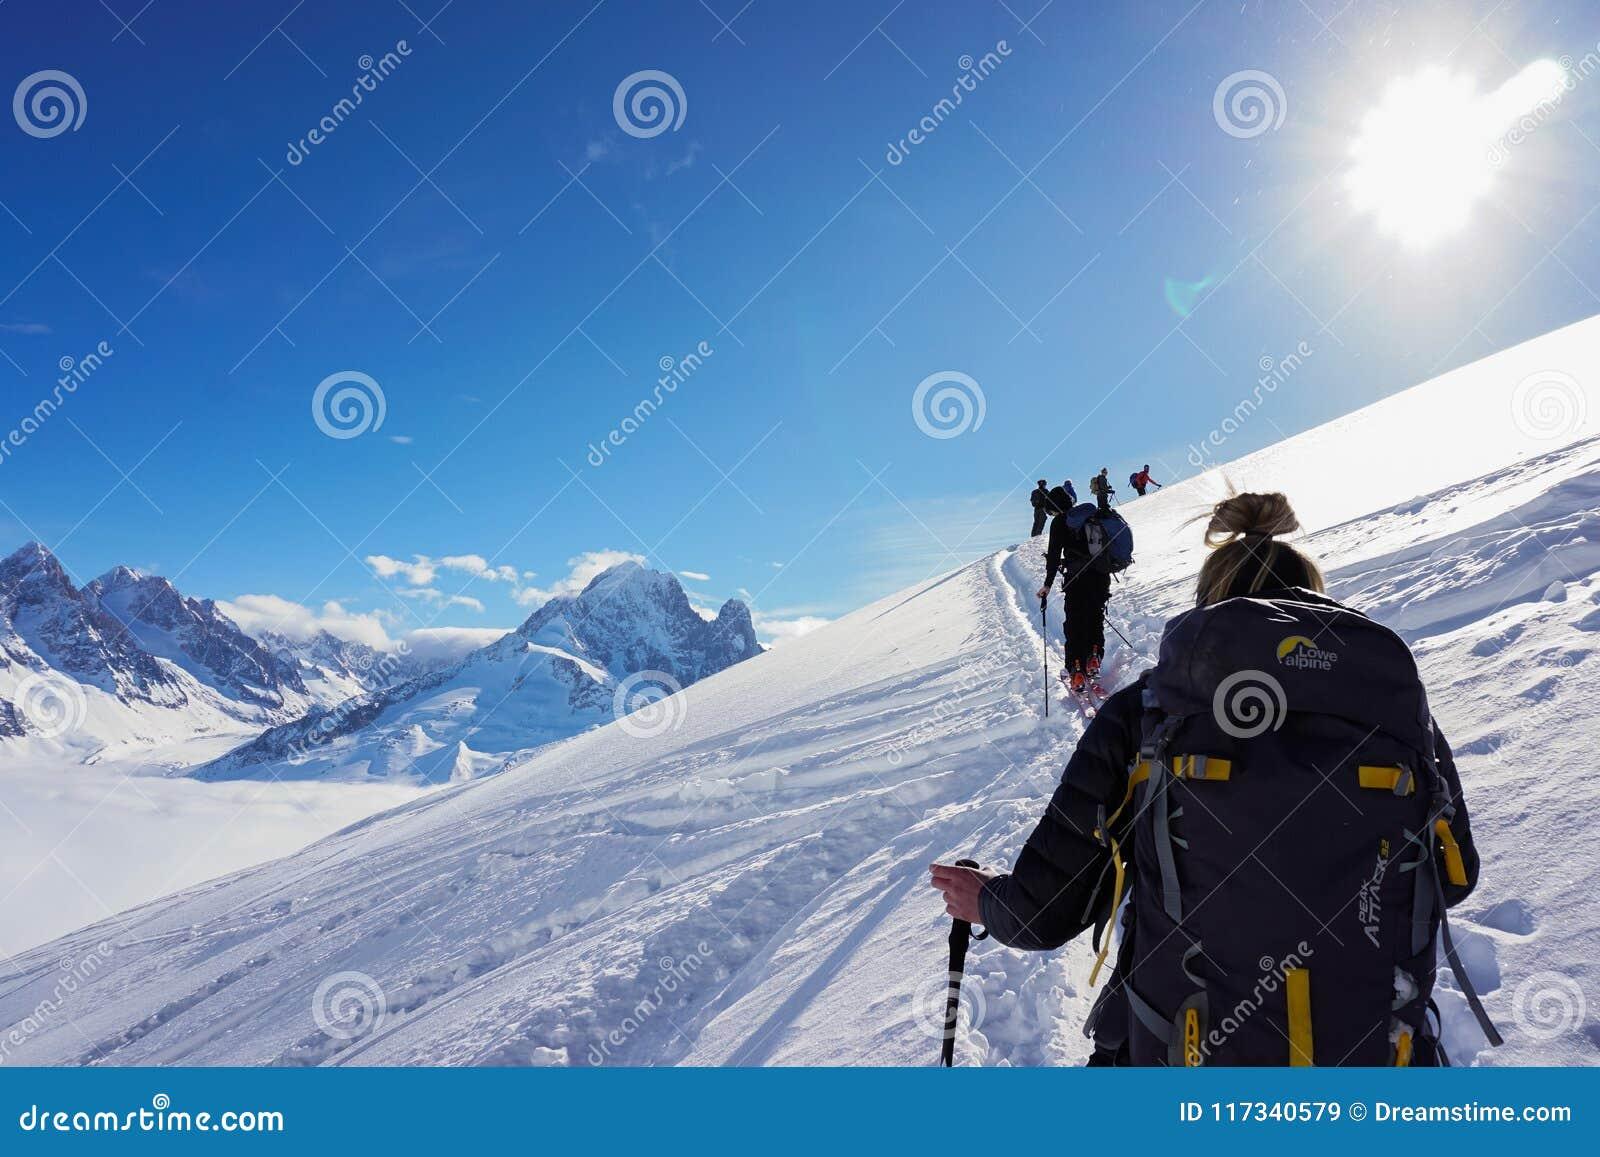 Widoki górscy w Chamonix podczas gdy Narciarski krajoznawstwo